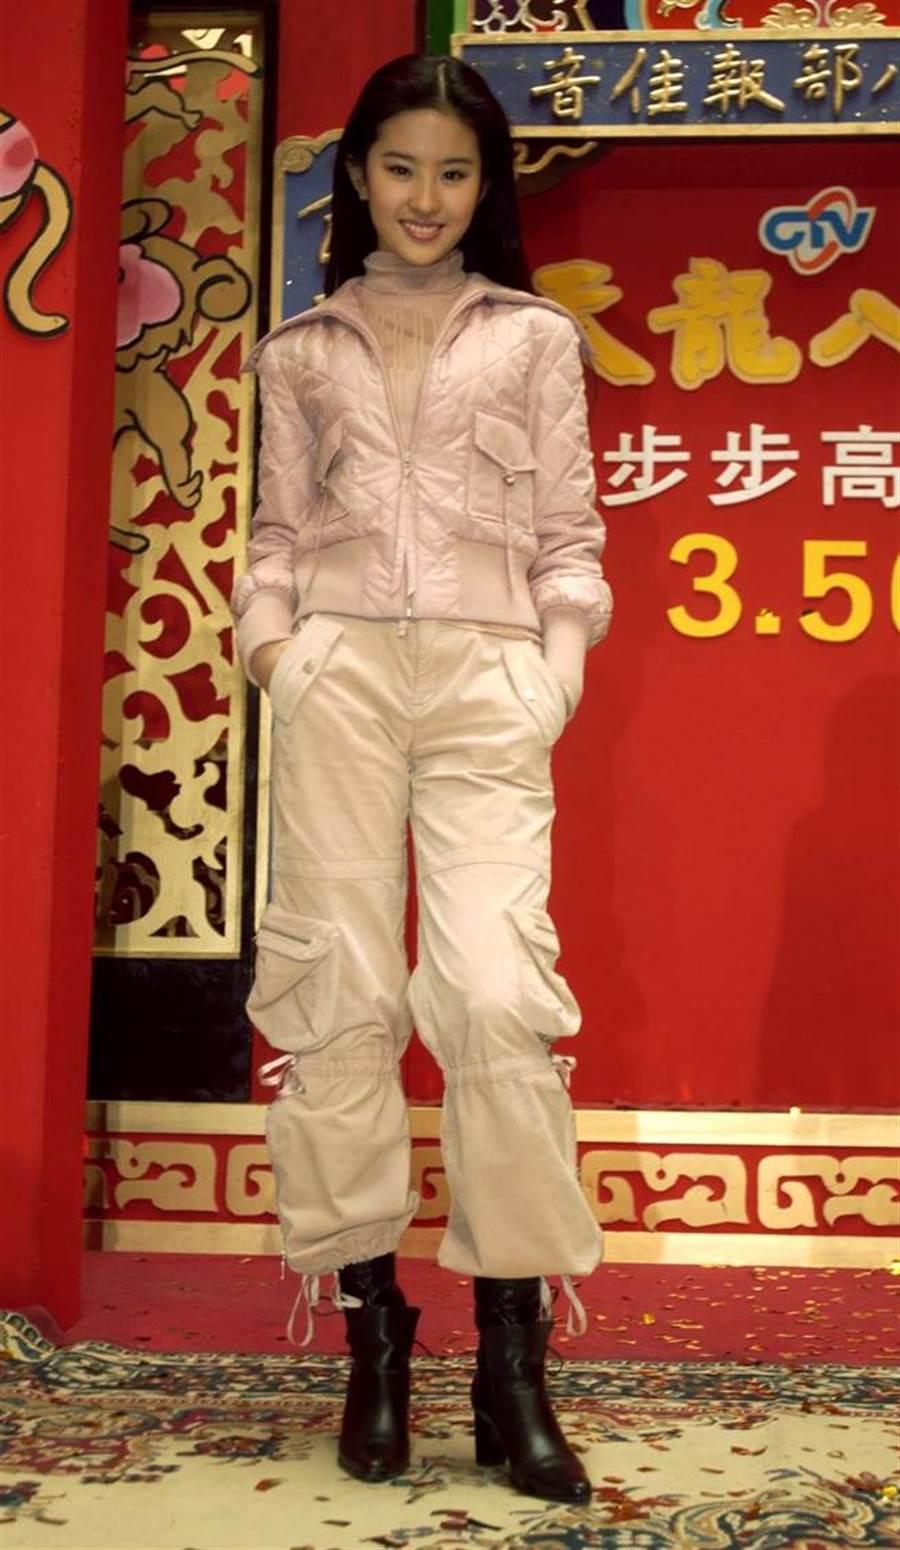 劉亦菲在2003年來台宣傳《天龍八部》。(圖/本報系資料照片)